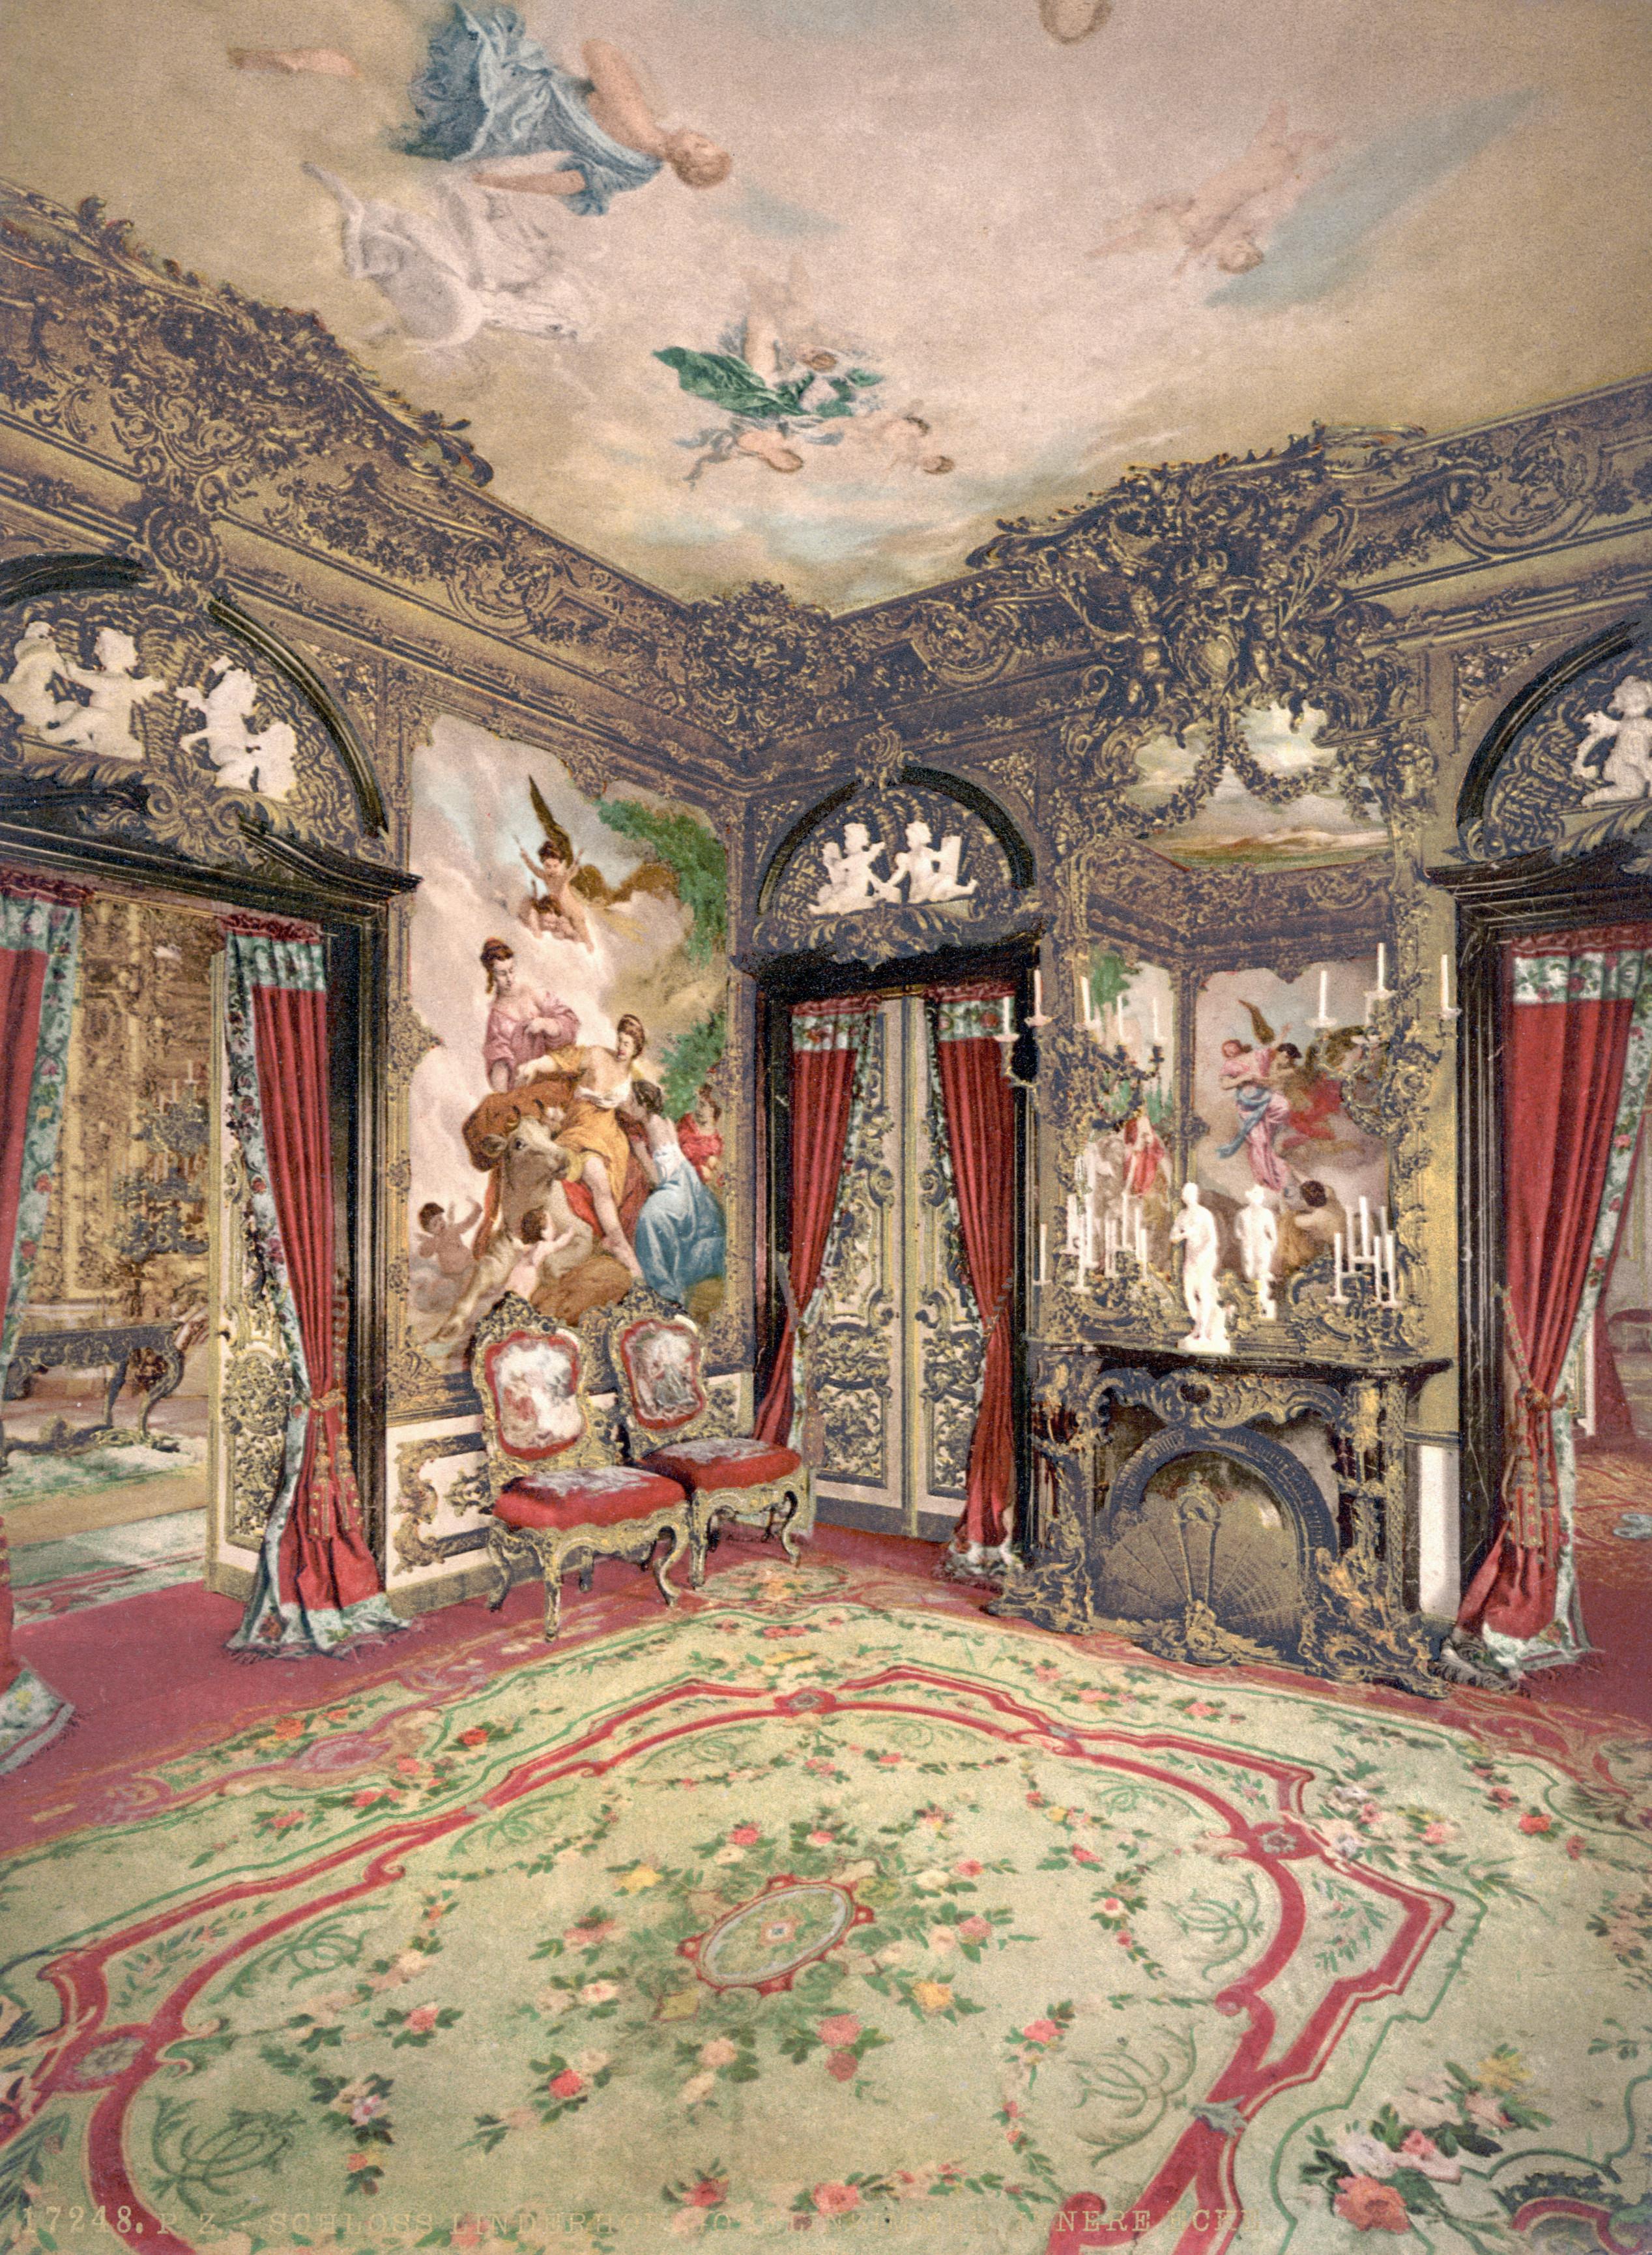 Ковер в интерьере в стиле рококо